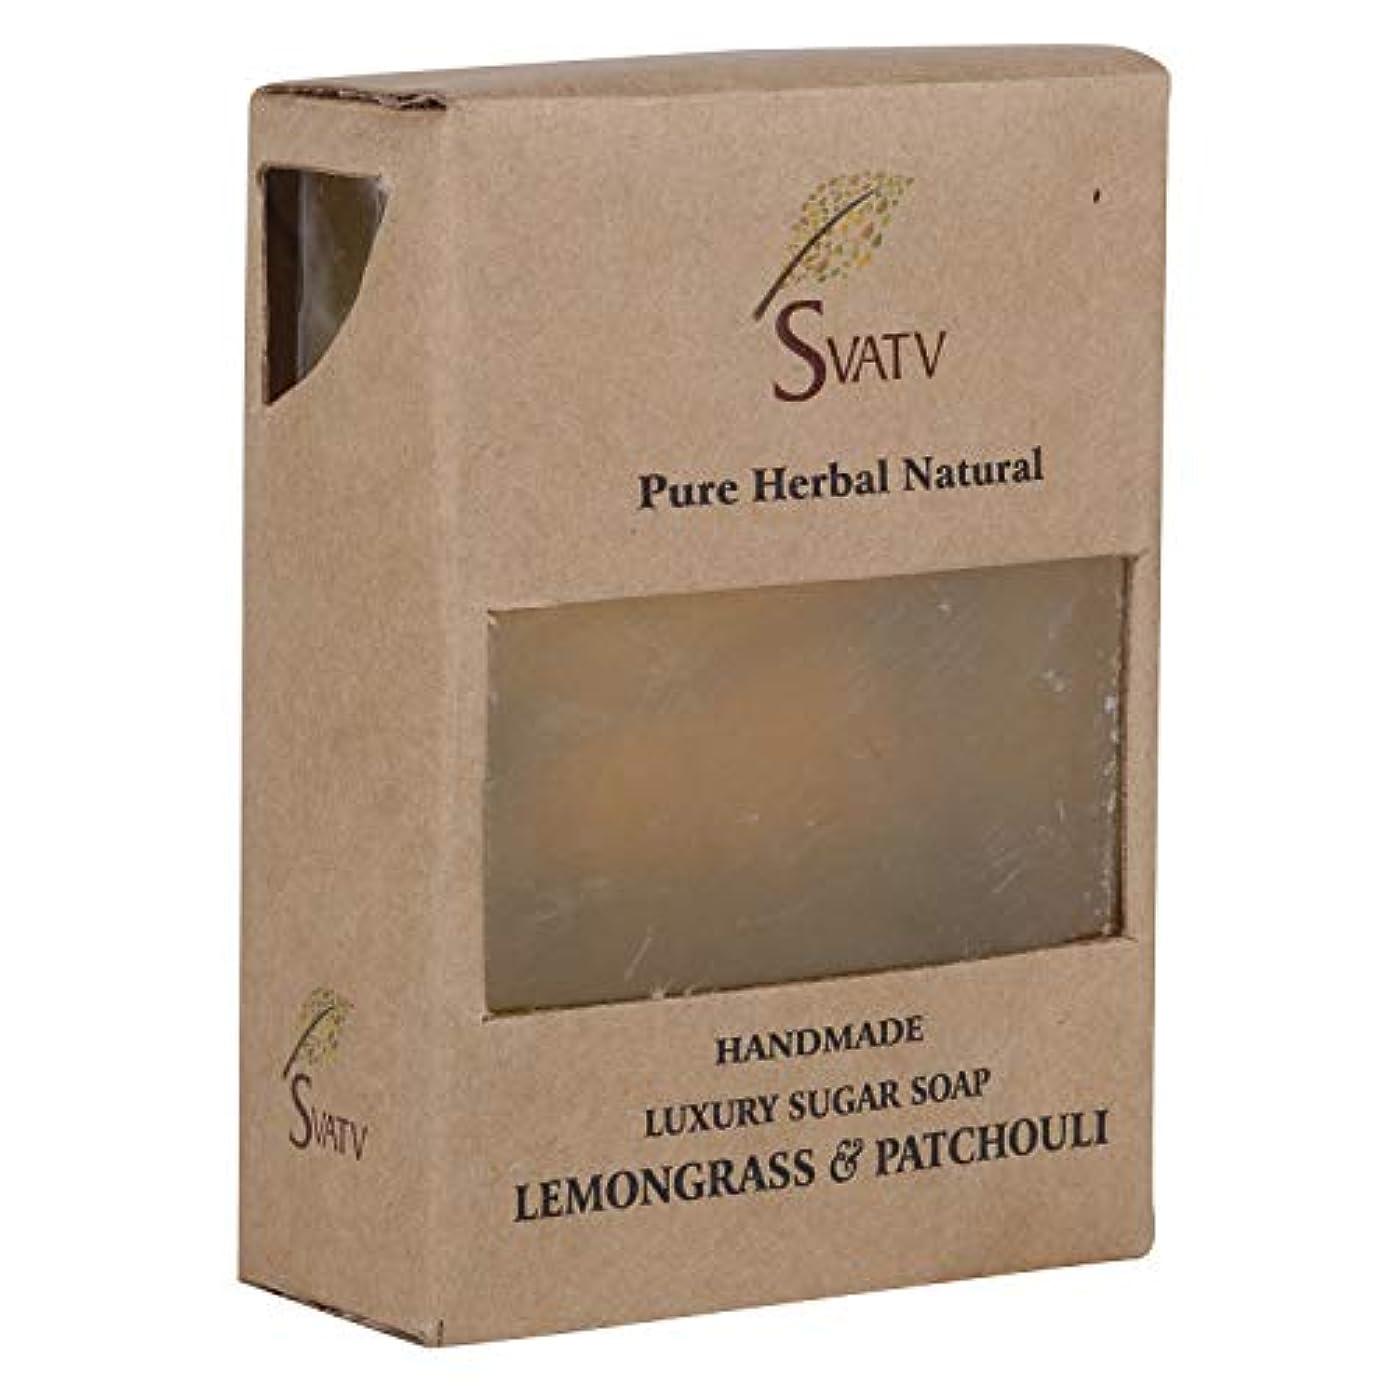 損傷セブン準備SVATV Handmade Luxury Sugar Soap Lemongrass & Patchouli For All Skin types 100g Bar